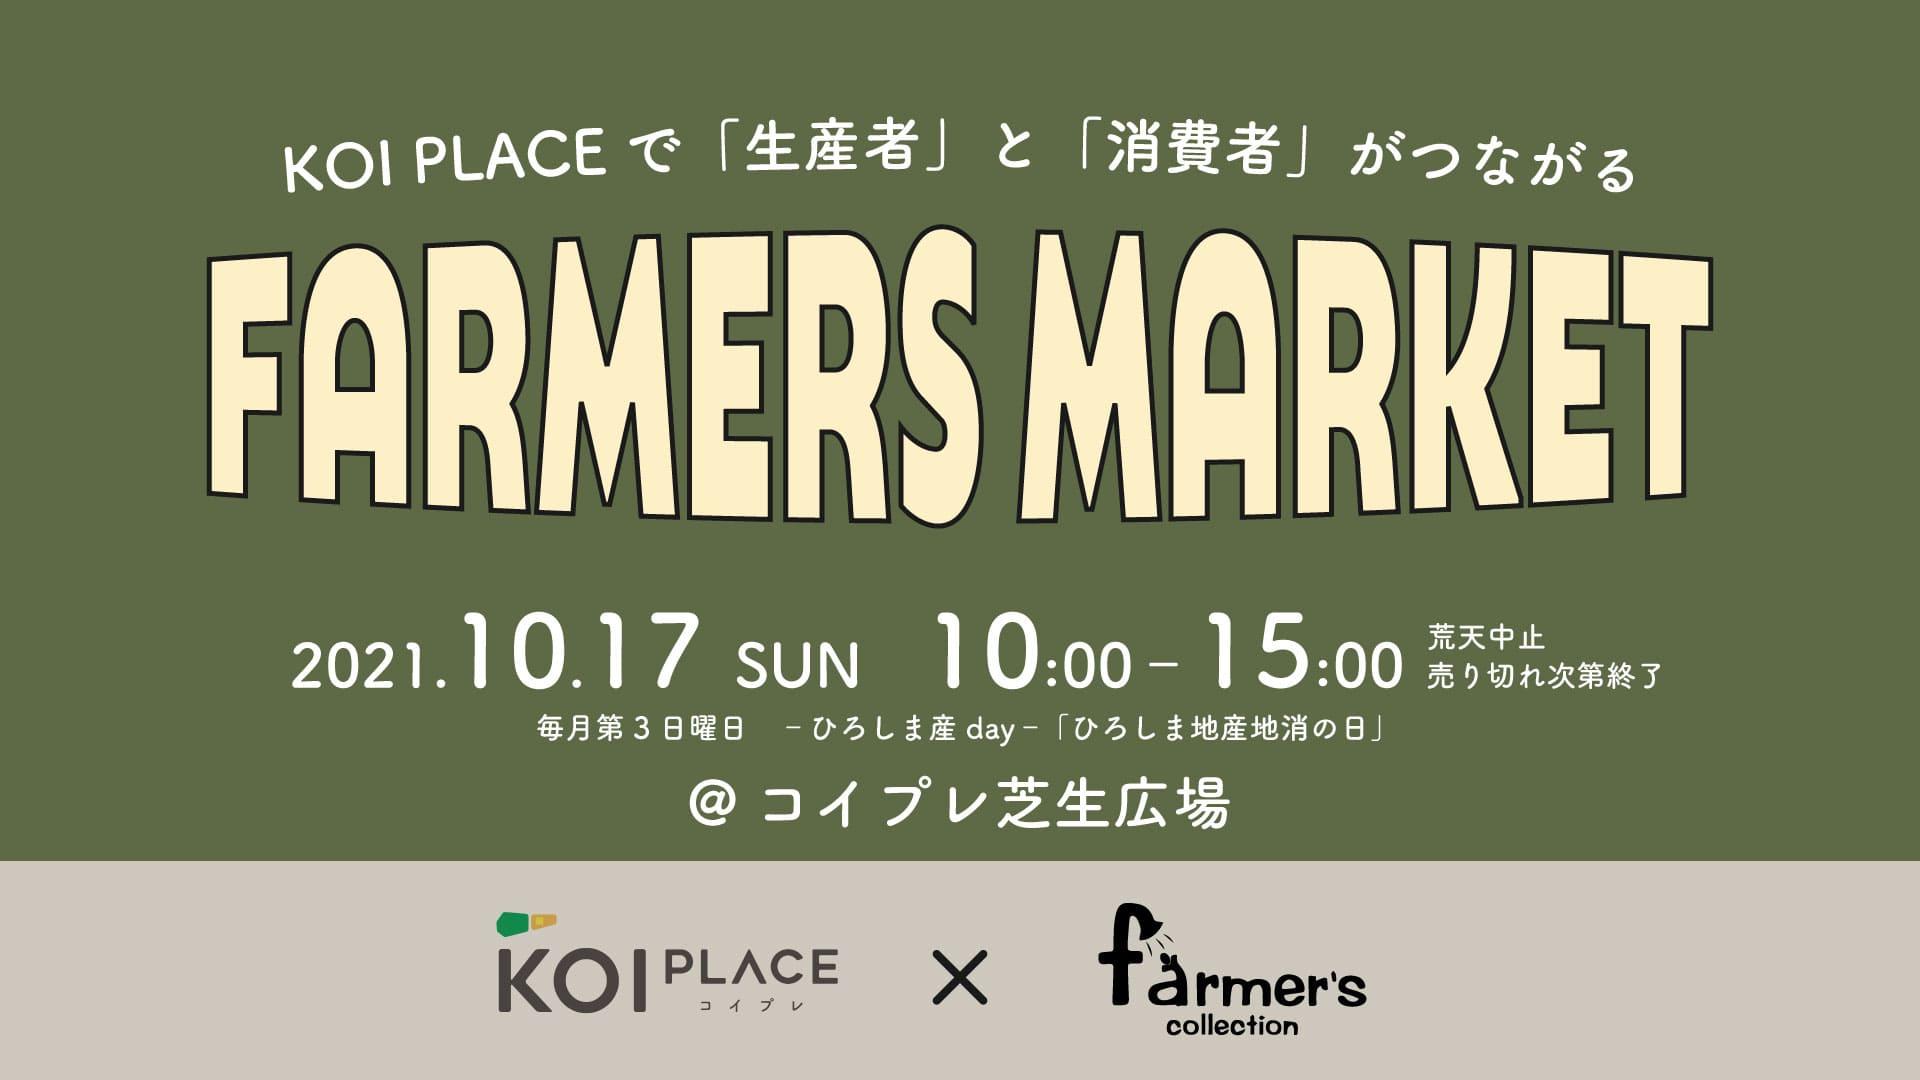 ファーマーズマーケット3(Famer's market 3)